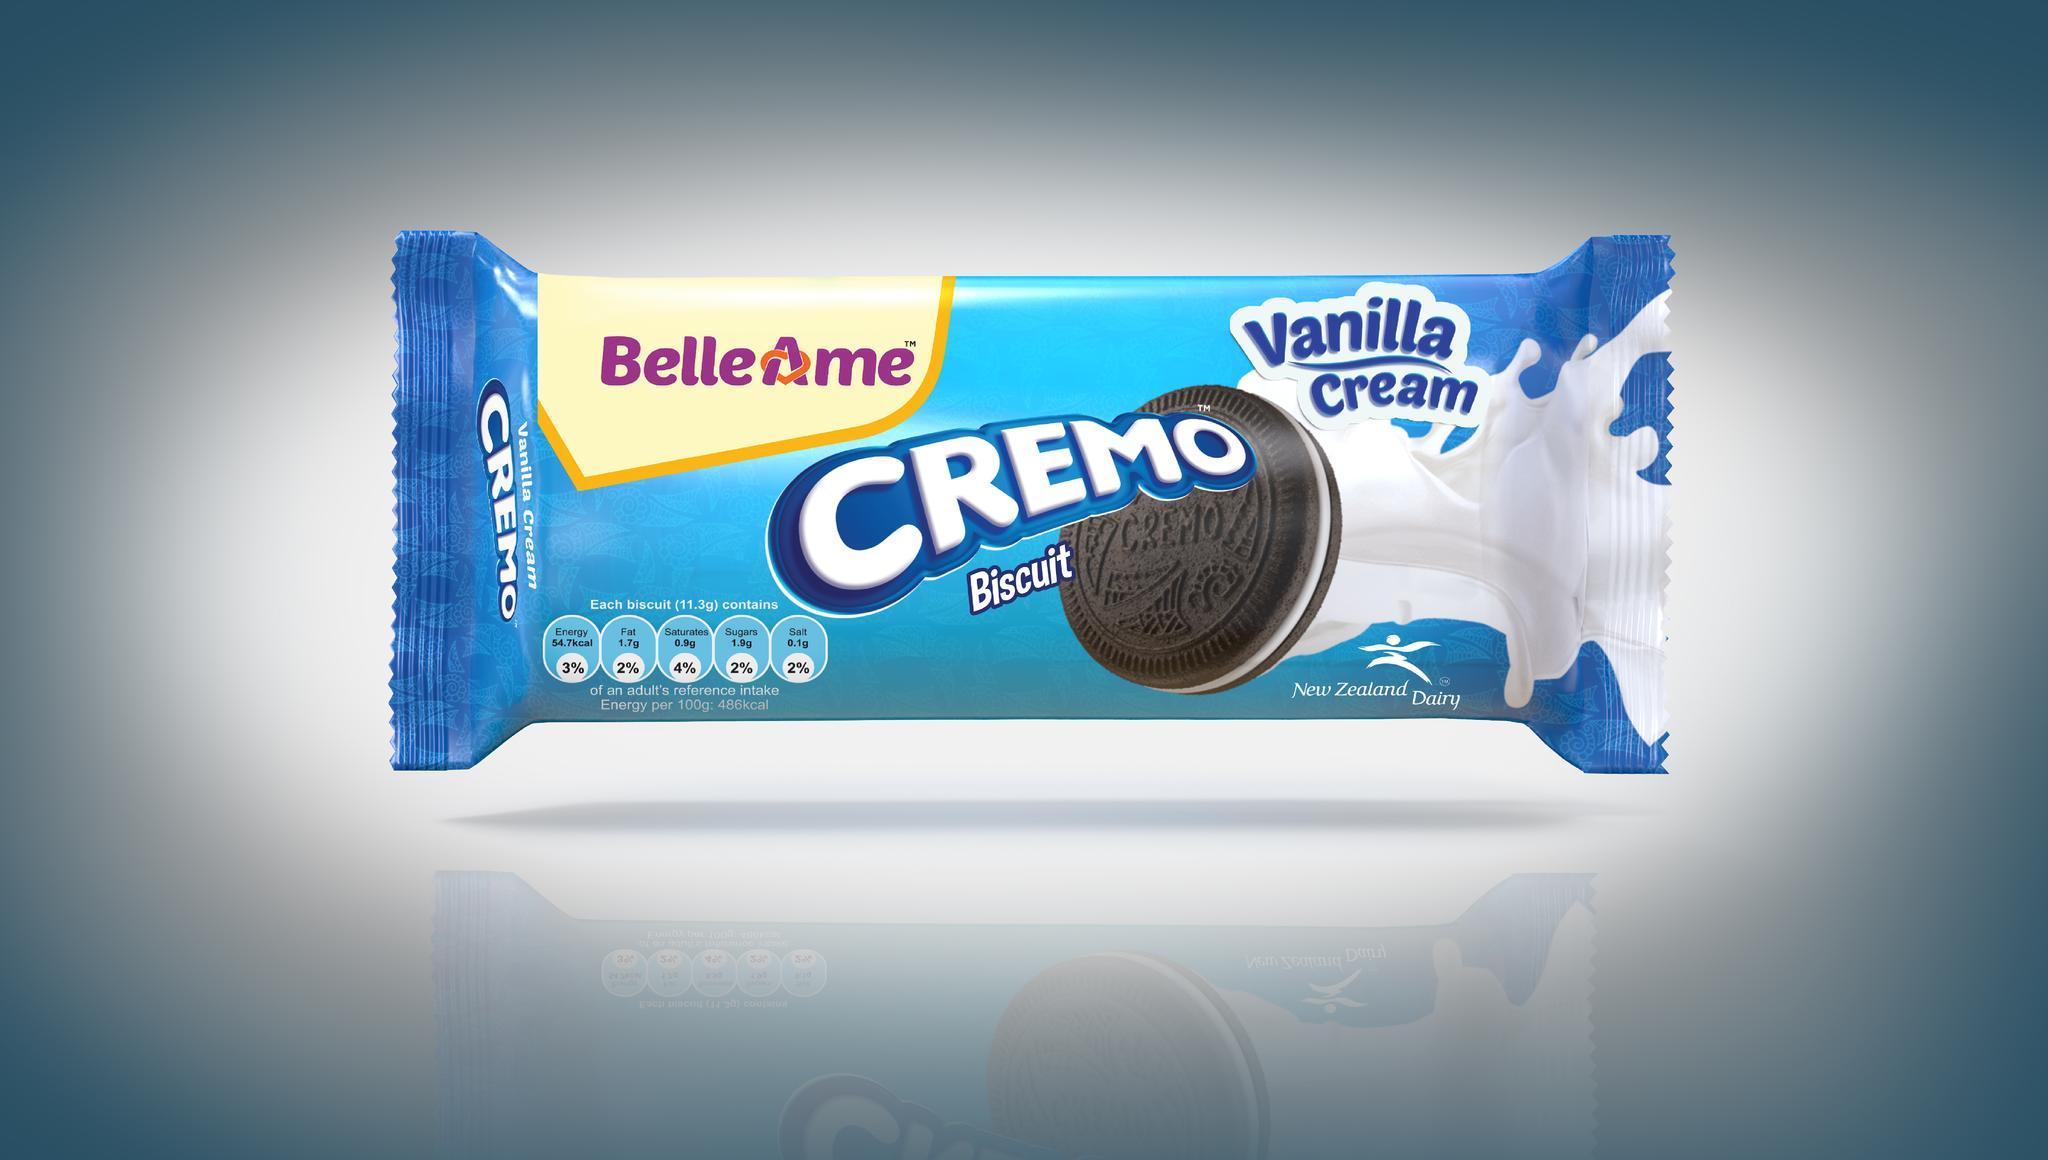 BelleAme Cremo